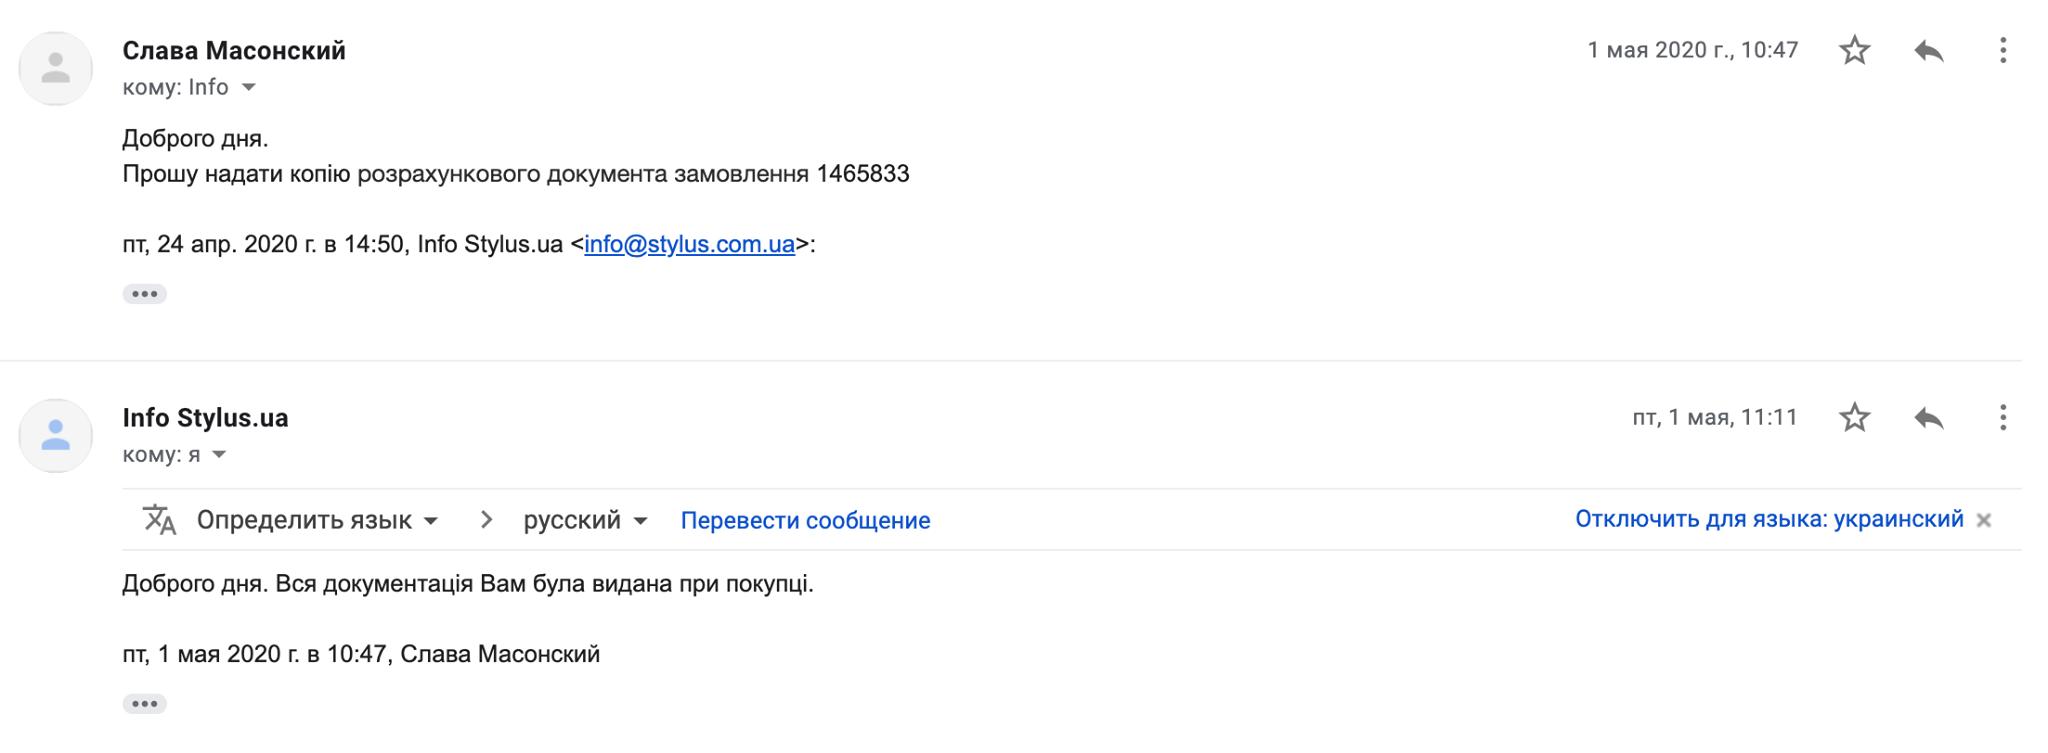 Скриншот покупателя